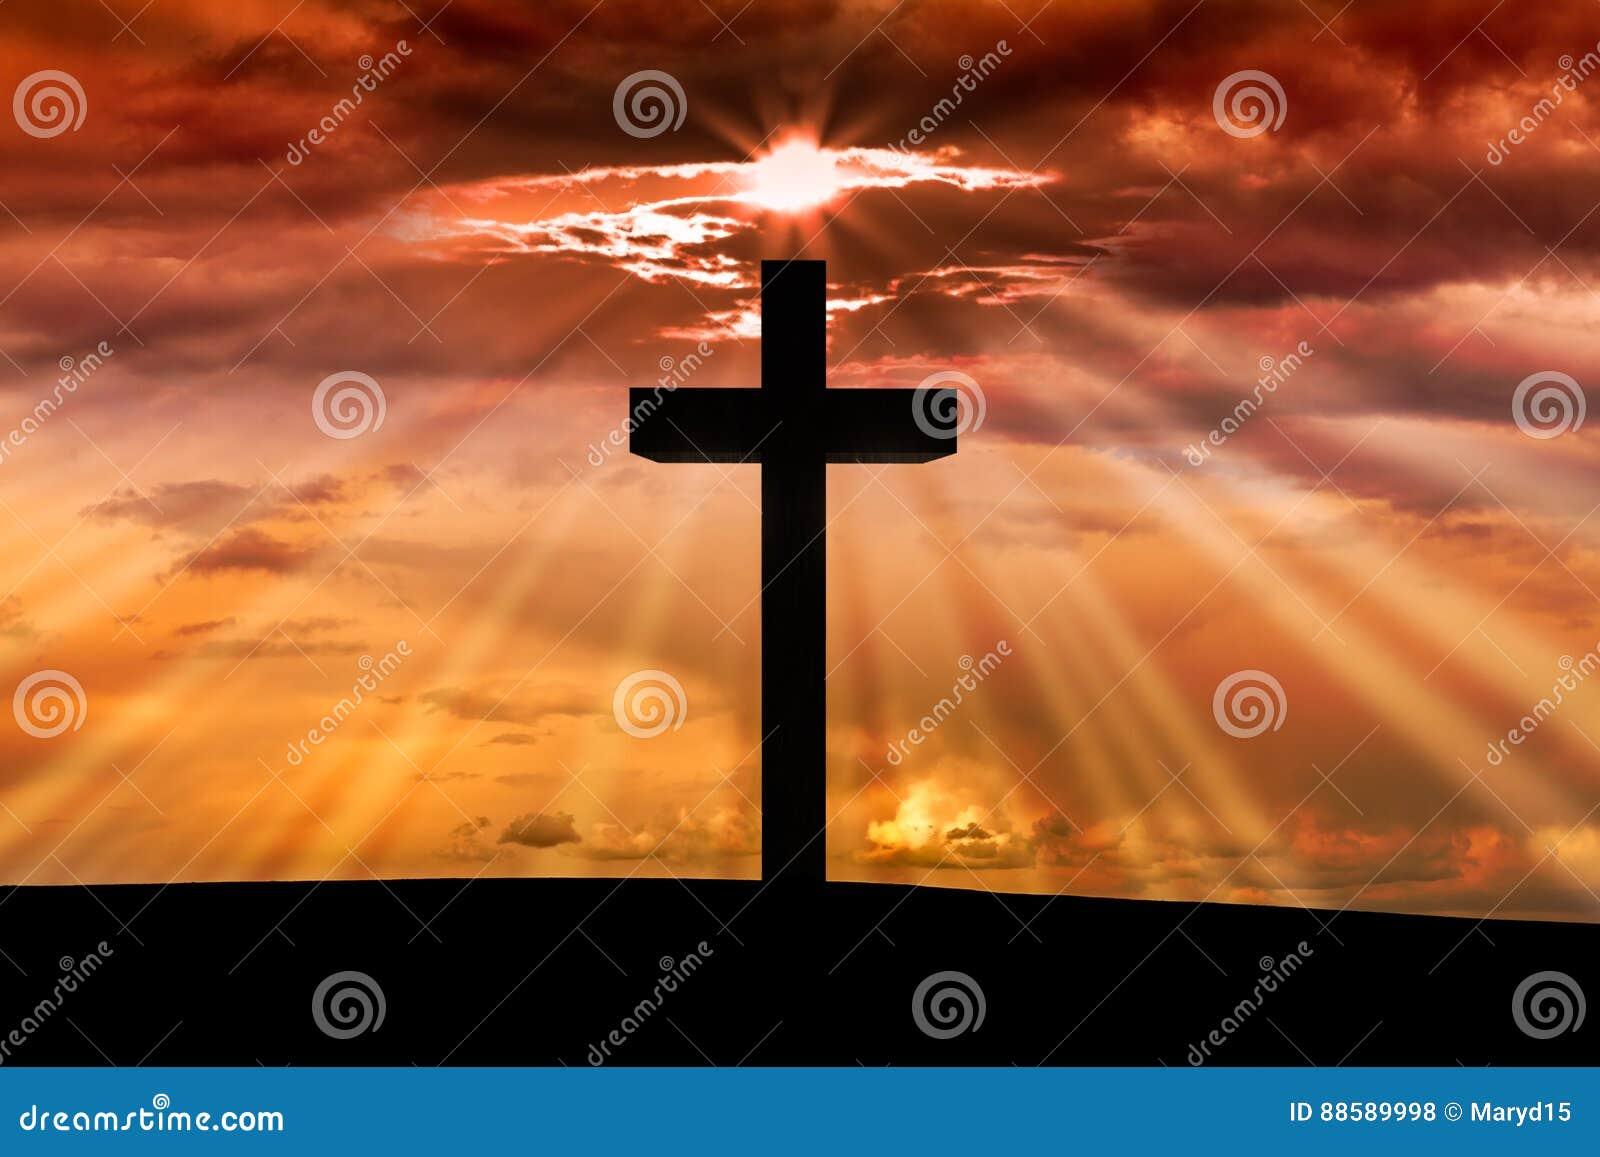 Cruz de madera de Jesus Christ en una escena con puesta del sol anaranjada rojo oscuro,